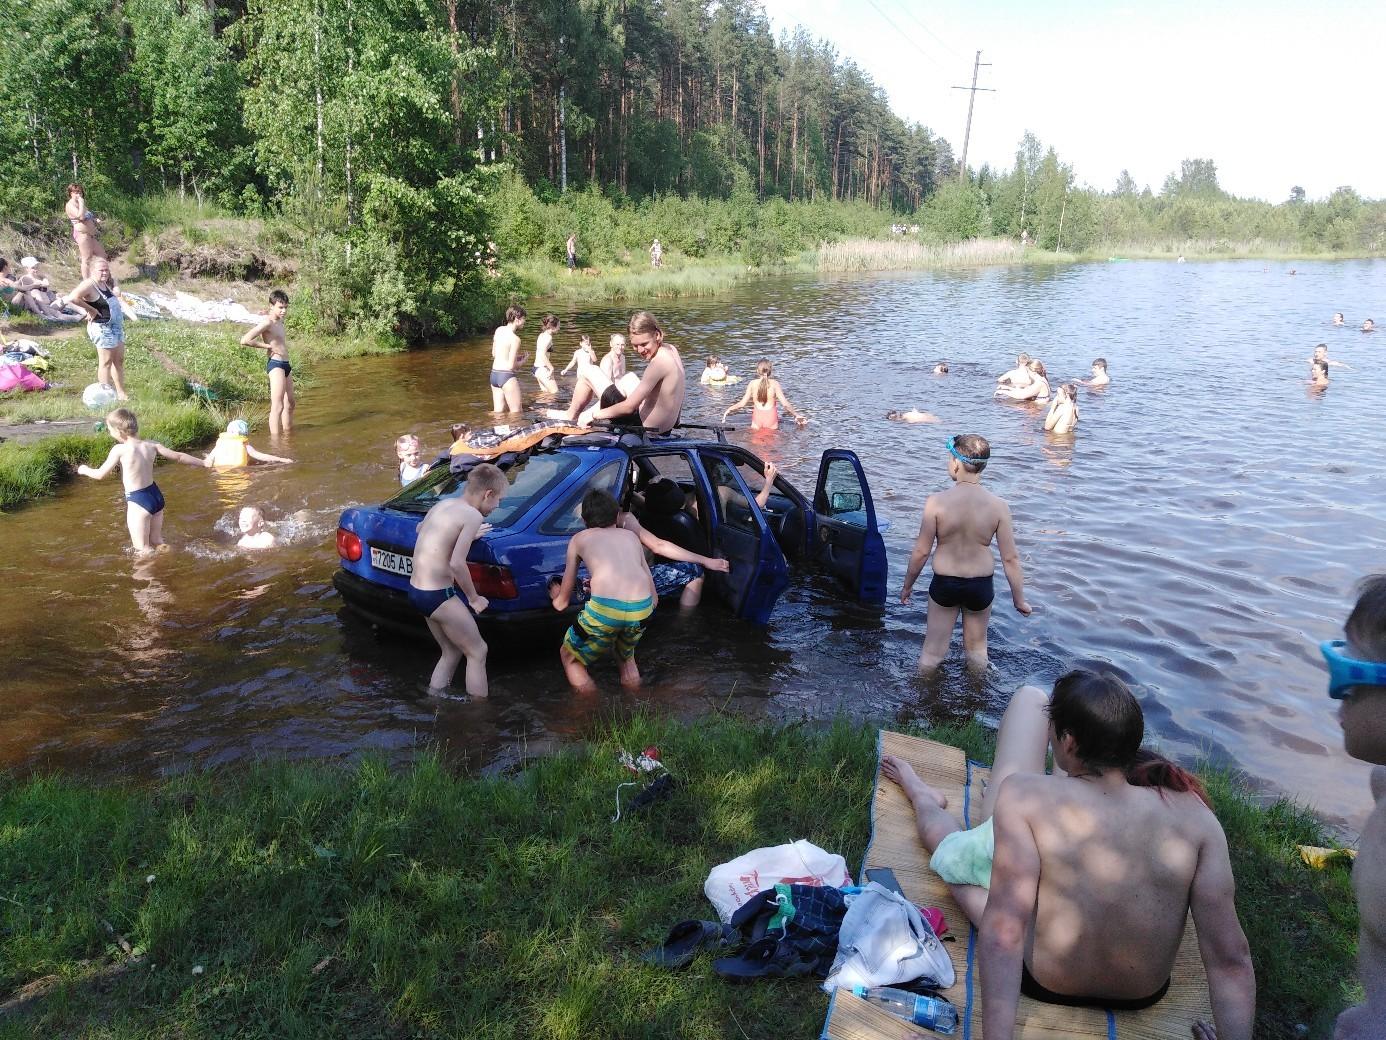 Адское пекло: петербуржцы купаются с мёртвыми рыбами и затонувшими автомобилями  (Иллюстрация 1 из 2) (Фото: https://vk.com/spb_today)